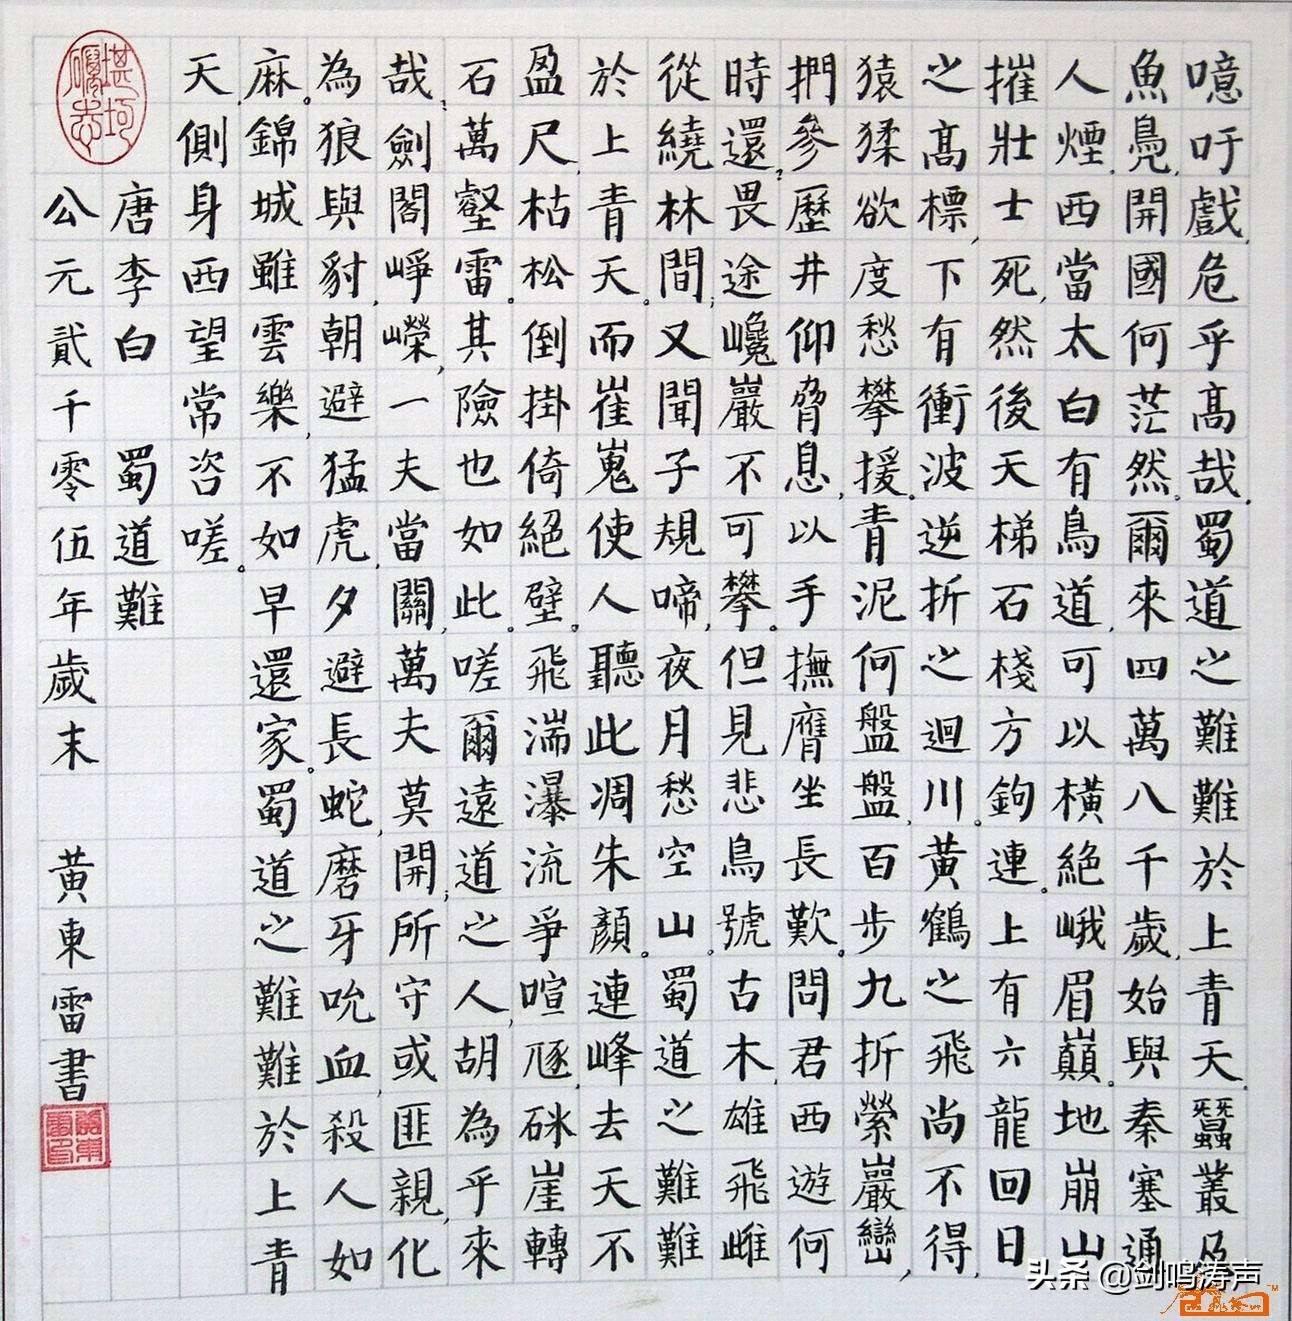 蜀道难原文带拼音(蜀道难注音完整版)